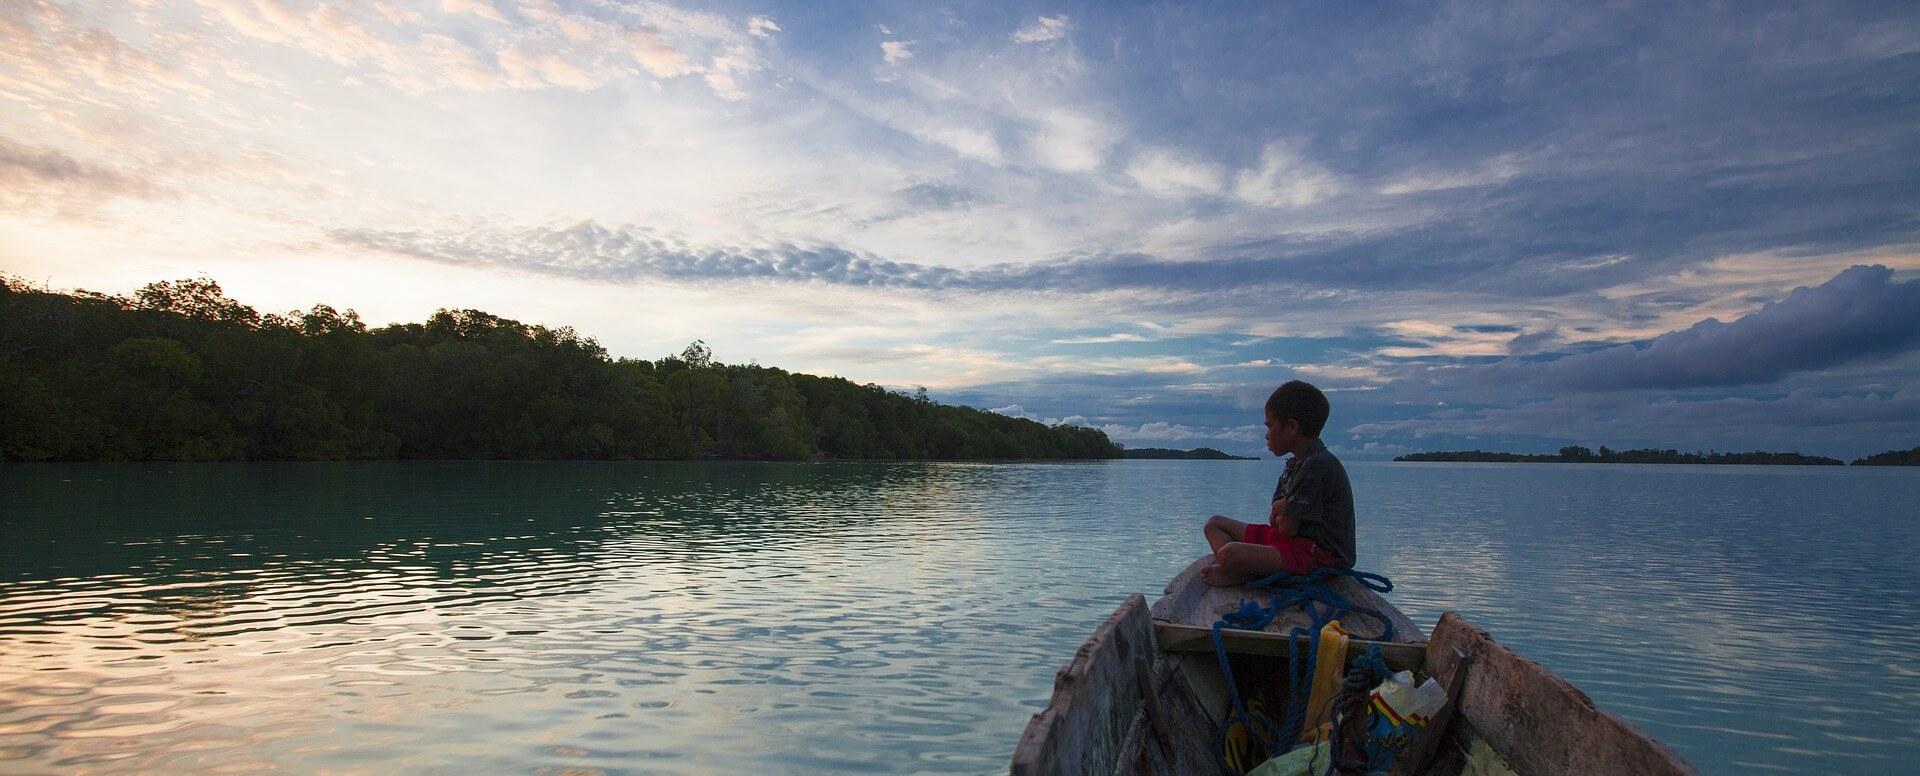 Que faire en Indonésie ? Guide des activités - Indonésie